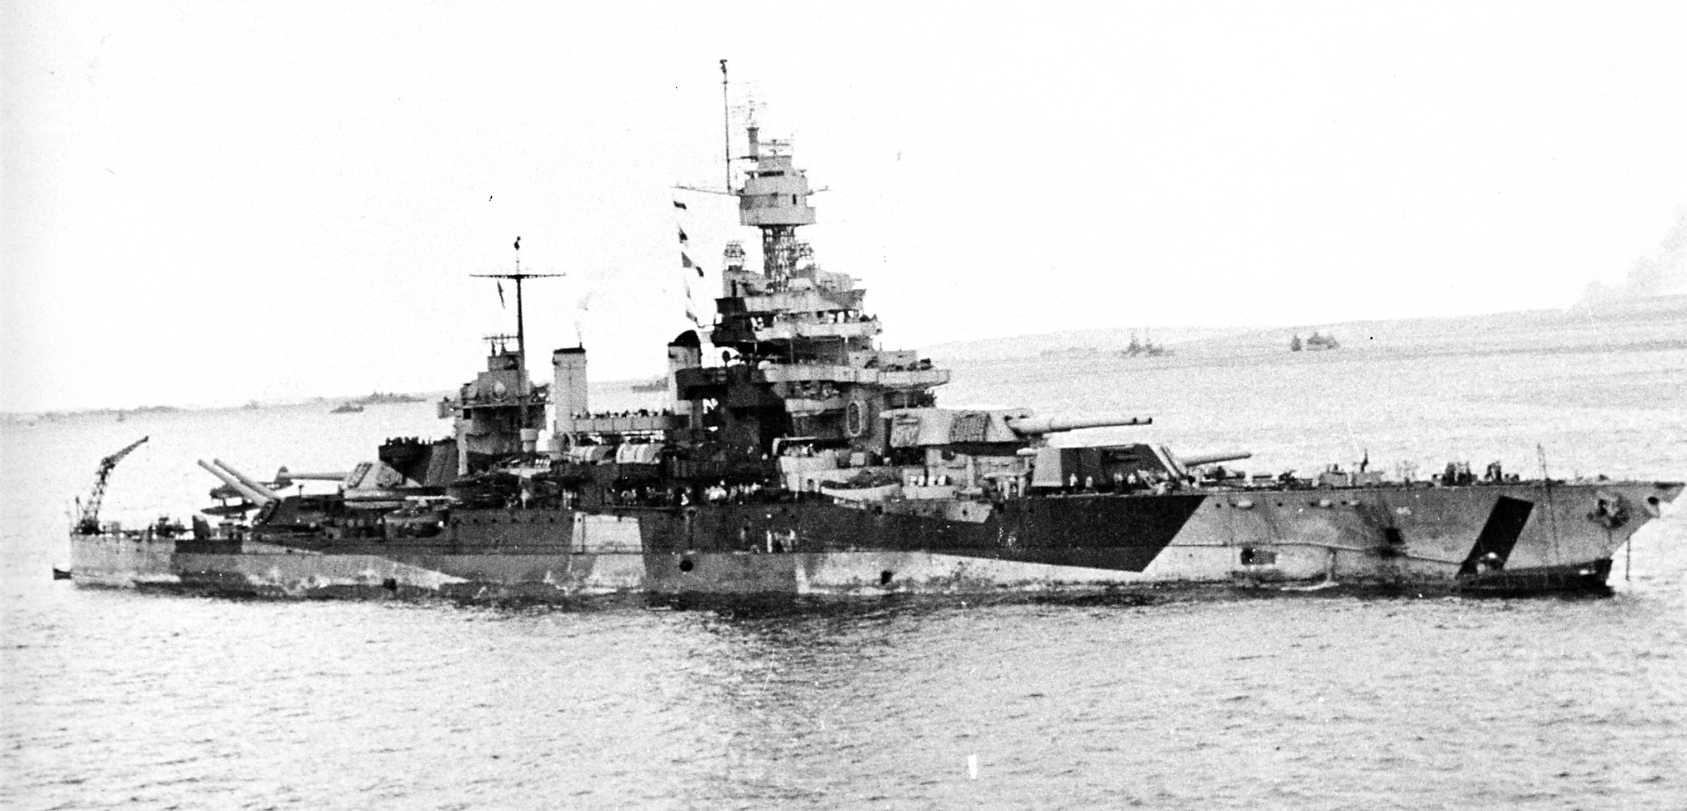 USS Colorado 3 - Le USS Colorado le 24 juillet 1944. Sa coque porte 22 trous dû à un precedent engagement.